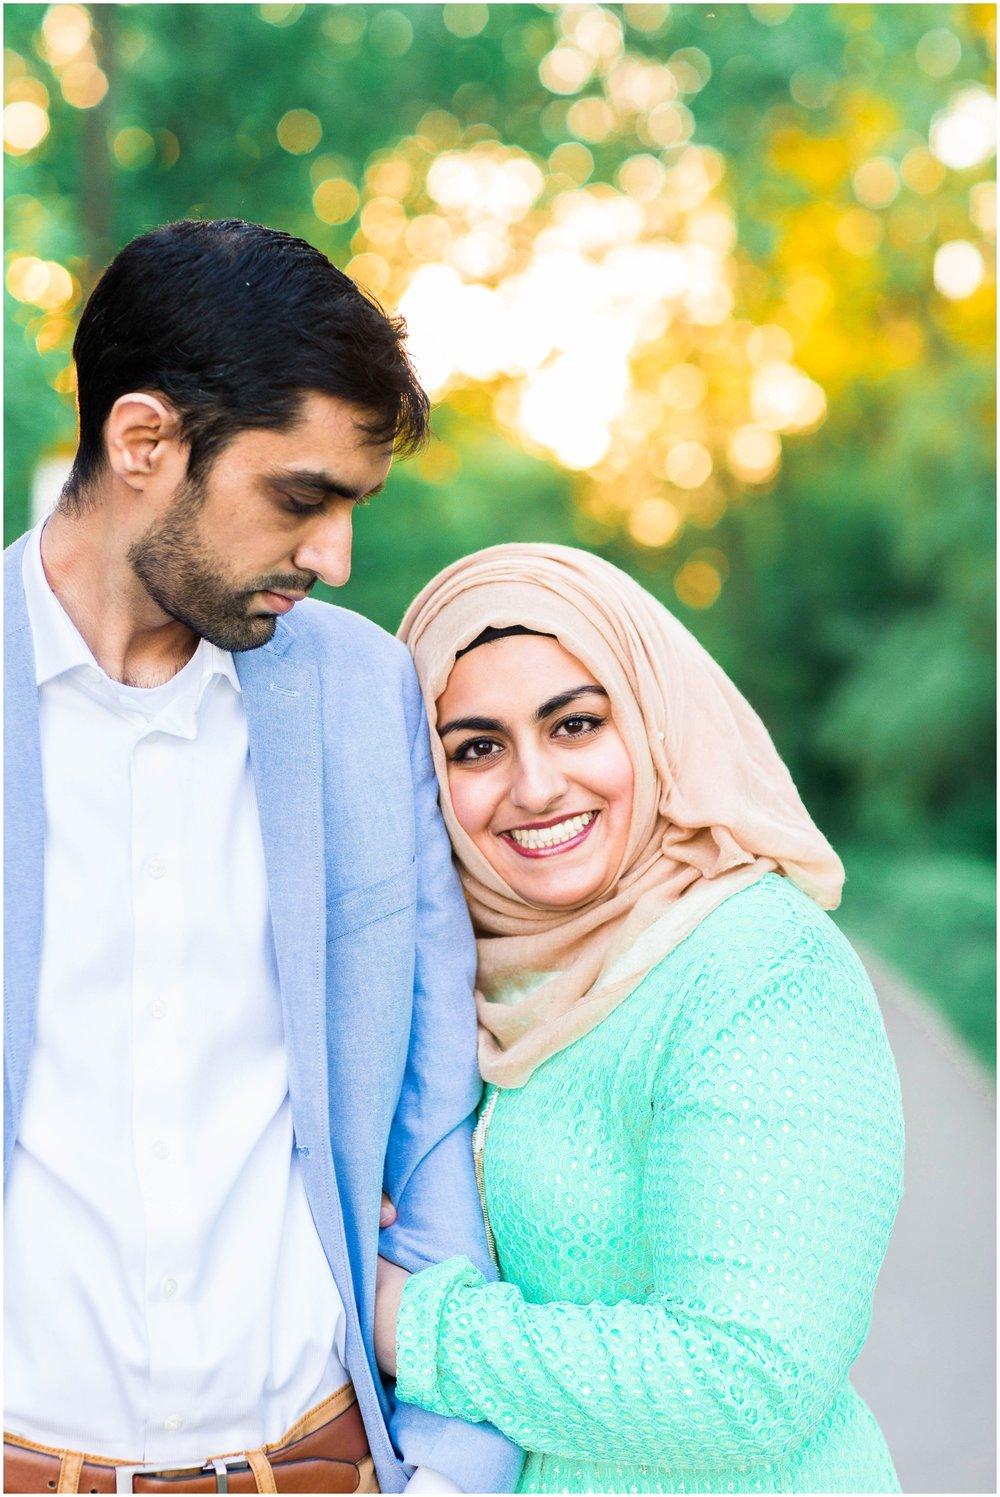 2017-Engagements-Toronto-Mississauga-GTA-Pakistani-Indian-Wedding-Photography-Photographer_0001.jpg